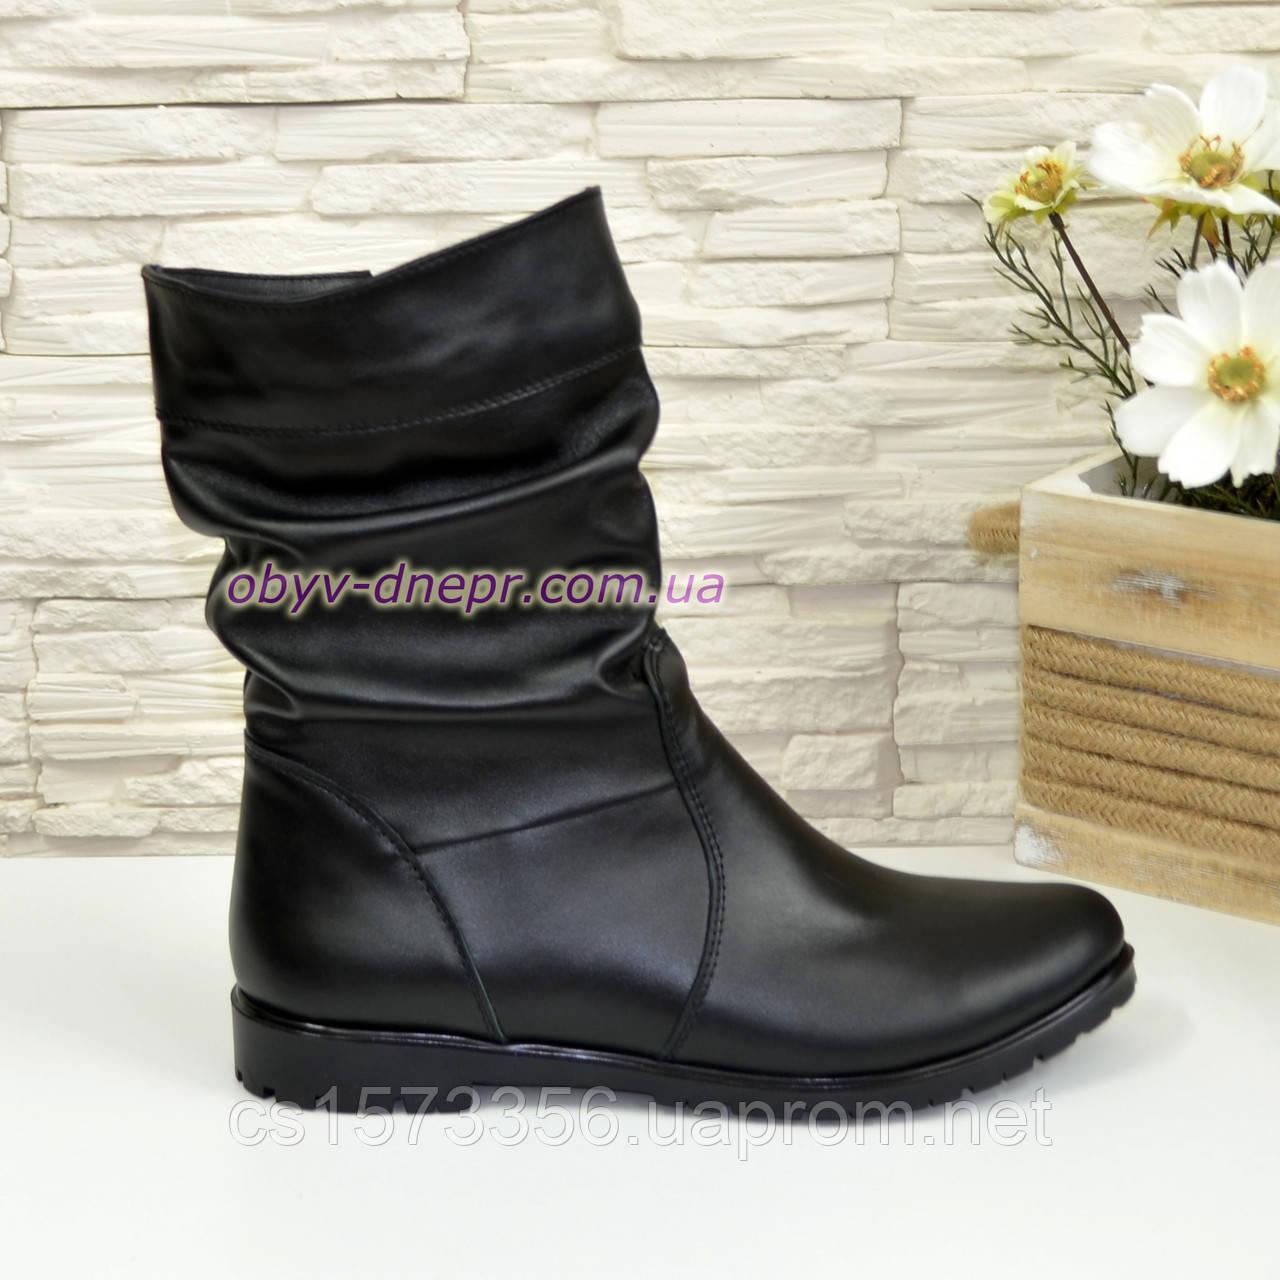 """Жіночі демісезонні черевики з натуральної шкіри чорного кольору ТМ """"Maestro"""""""